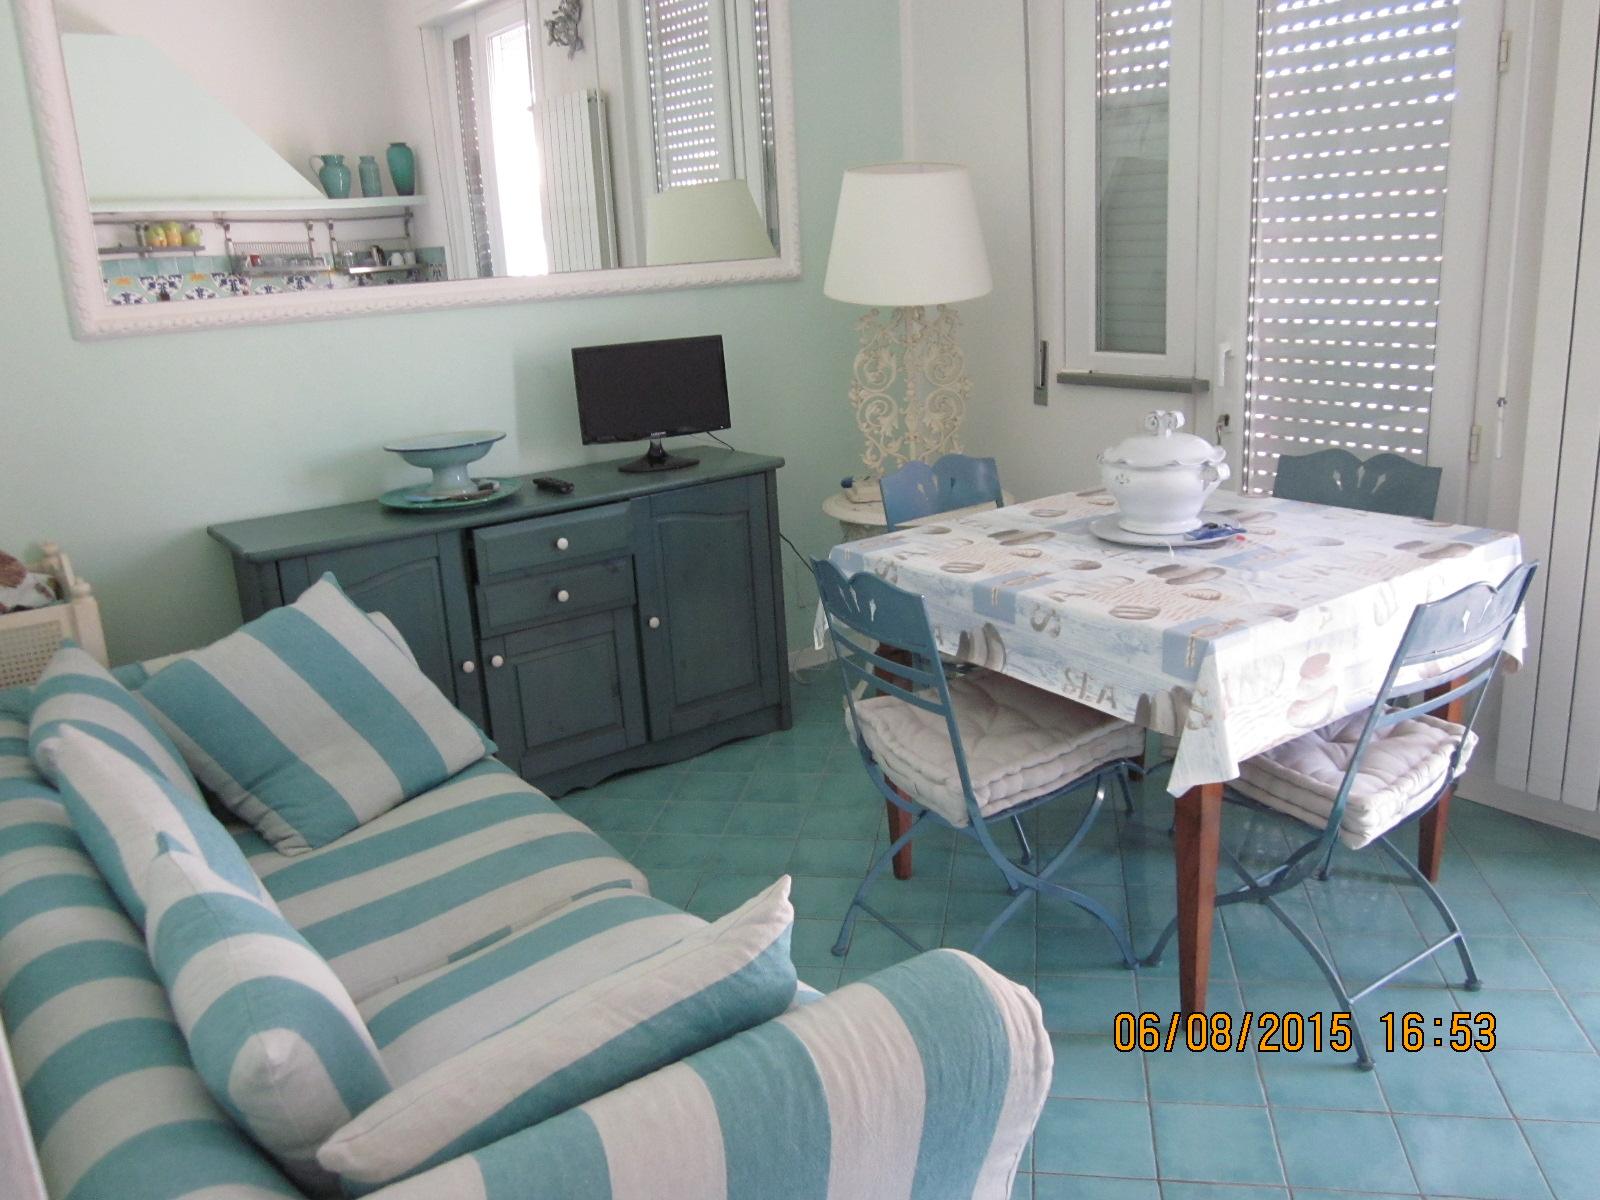 Appartamento in affitto a Viareggio, 4 locali, zona Località: Centro, prezzo € 800 | Cambio Casa.it